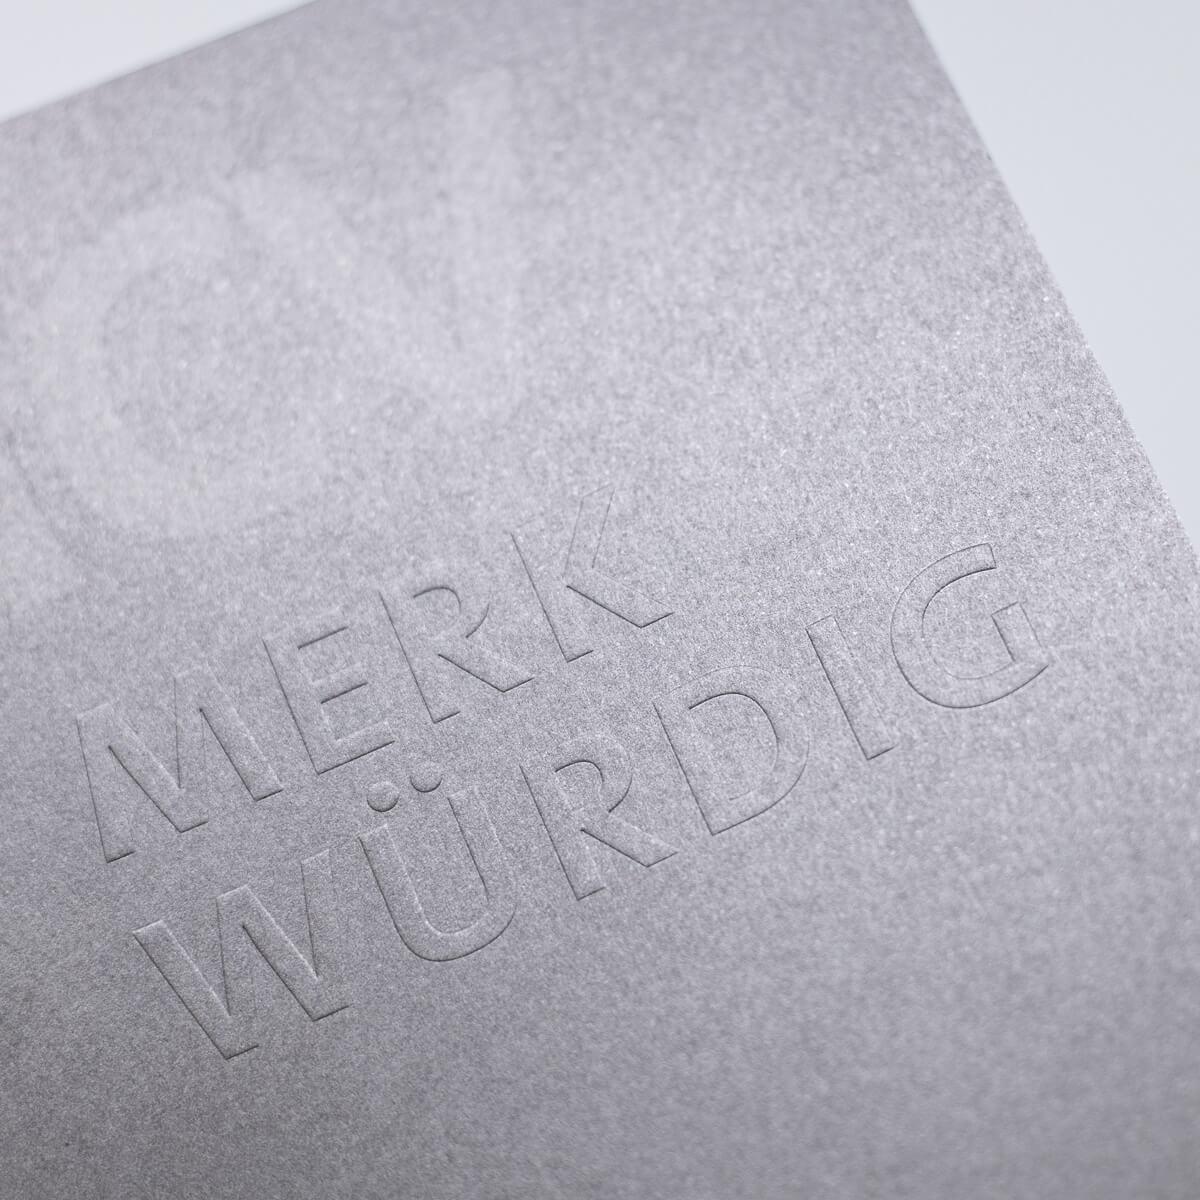 Druckerei Wenin - Verdedelung - Prägung